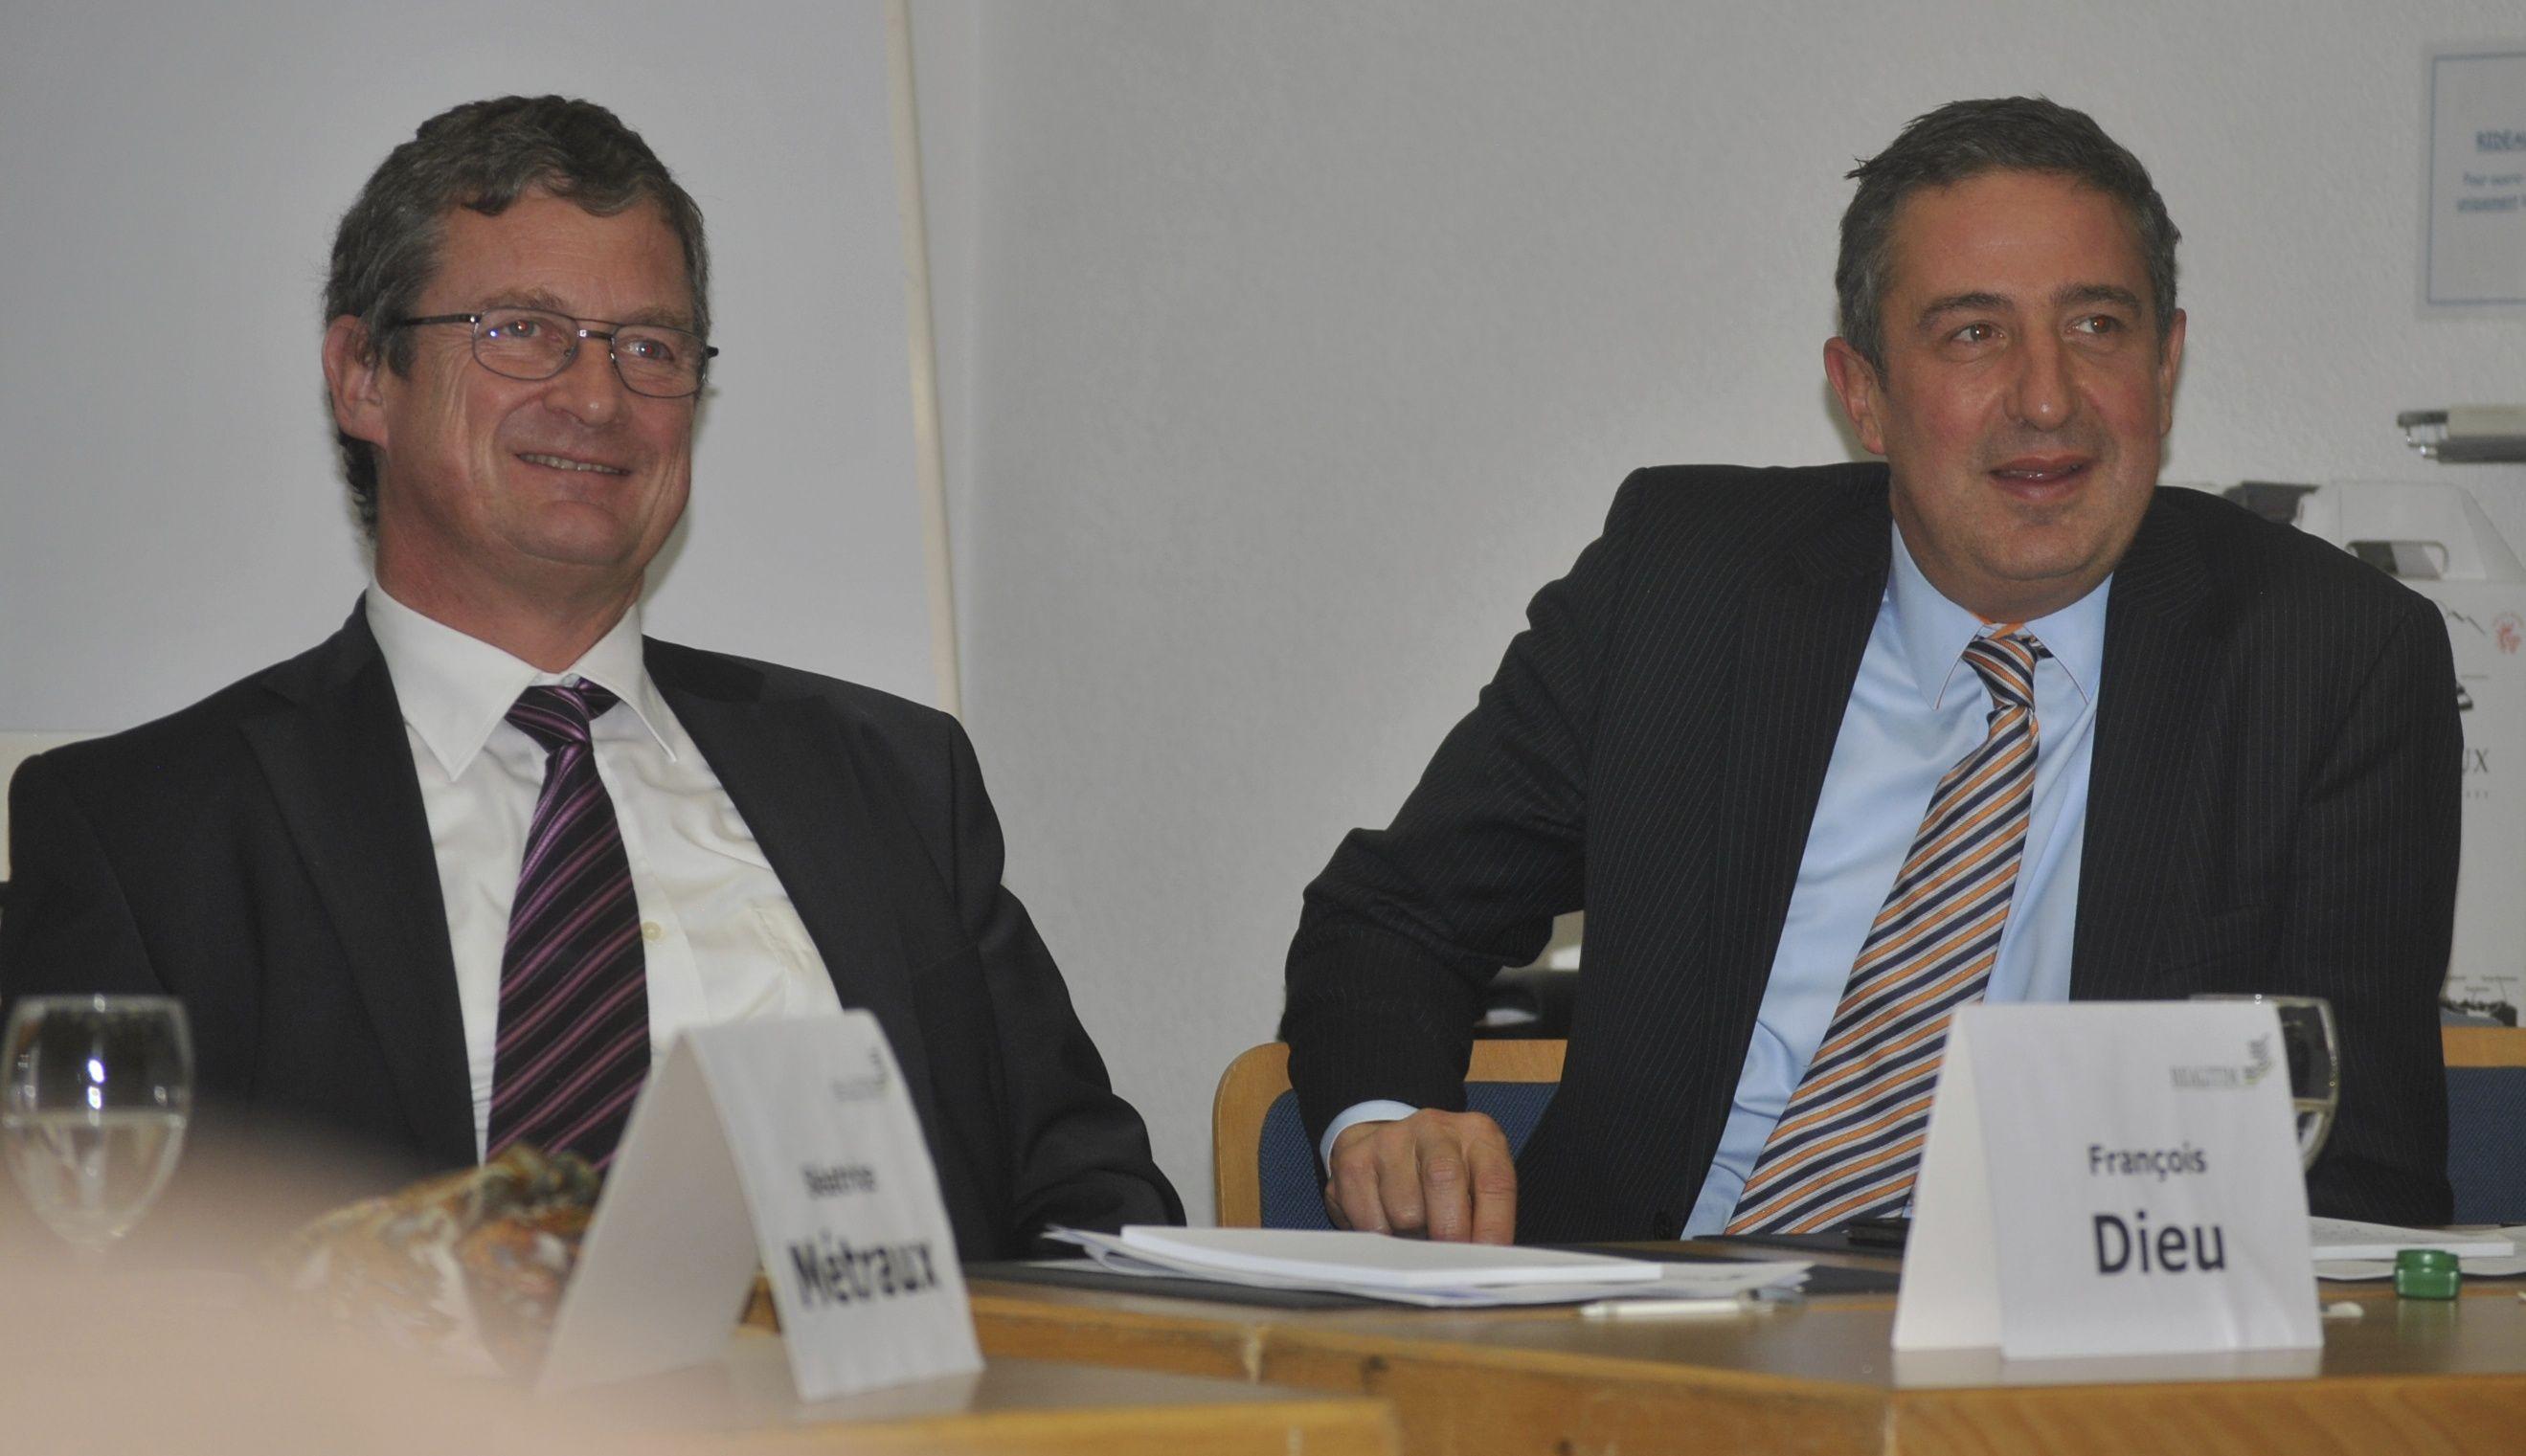 de gauche à droite : François Dieu, (Développeur immobilier, administrateur de MK Realitim Management SA) et Anthony Collé, (Administrateur délégué de Realitim).